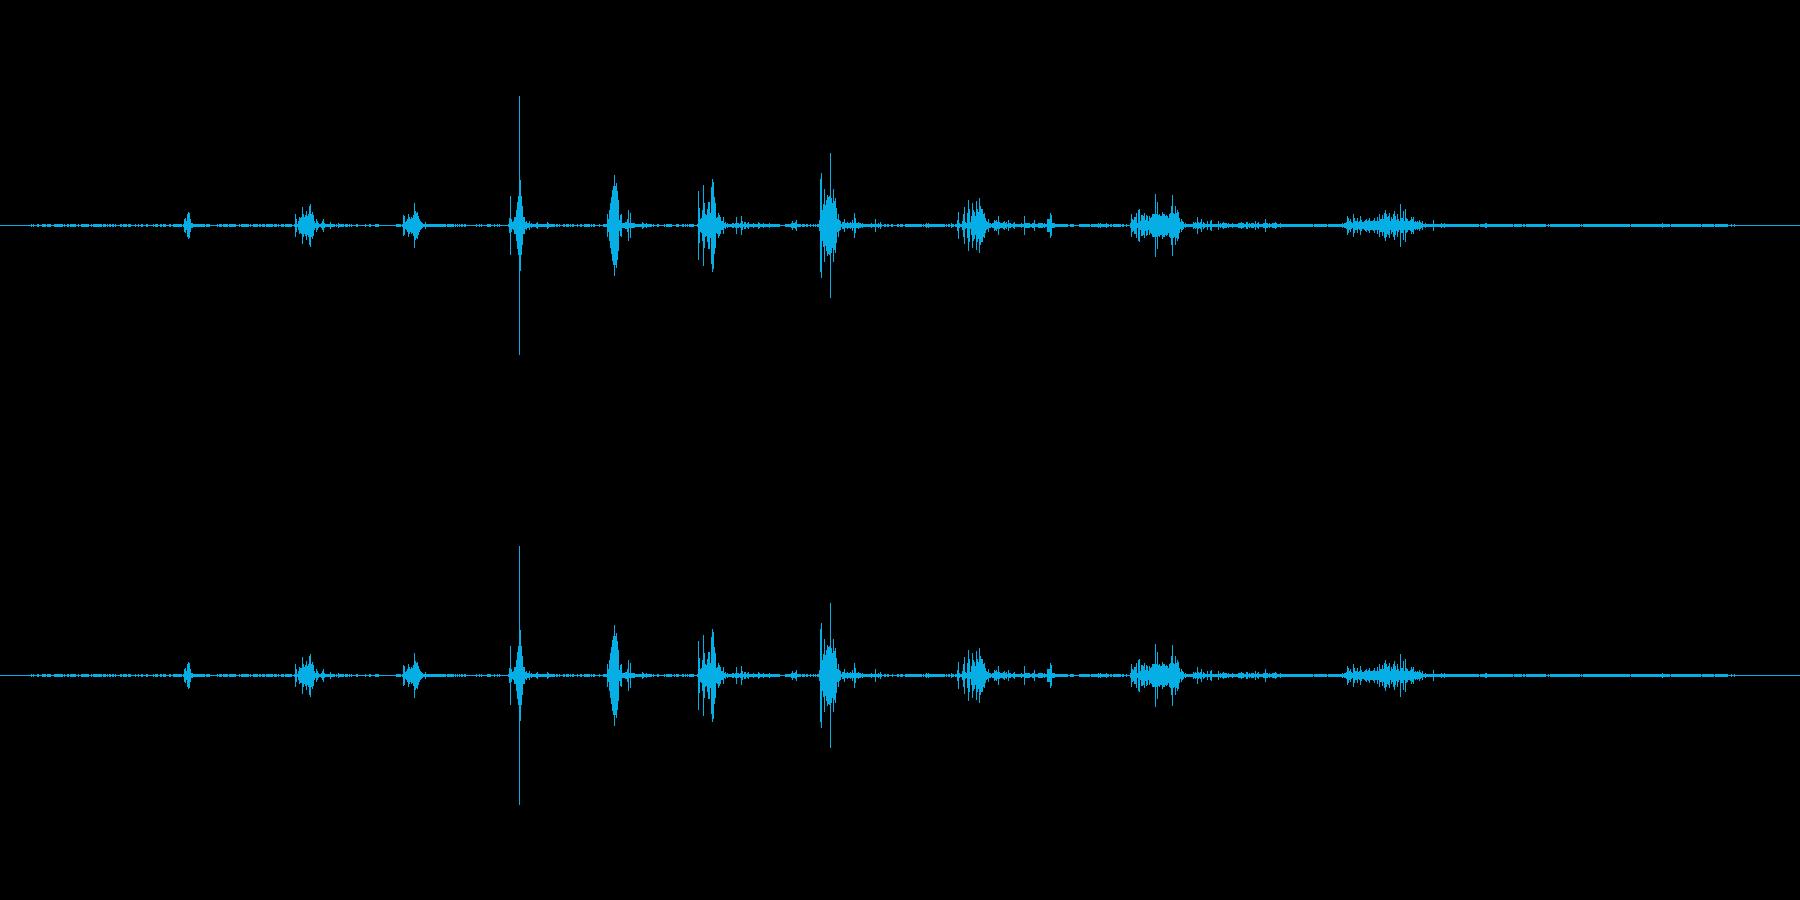 ザッザッジリ...という足音の再生済みの波形